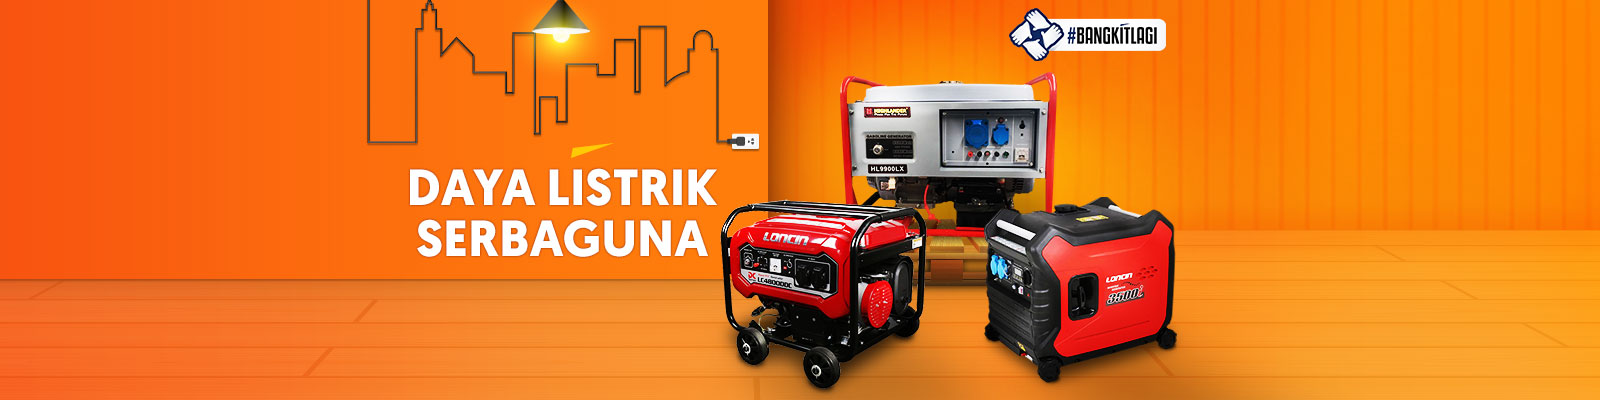 Baterai dan Generator